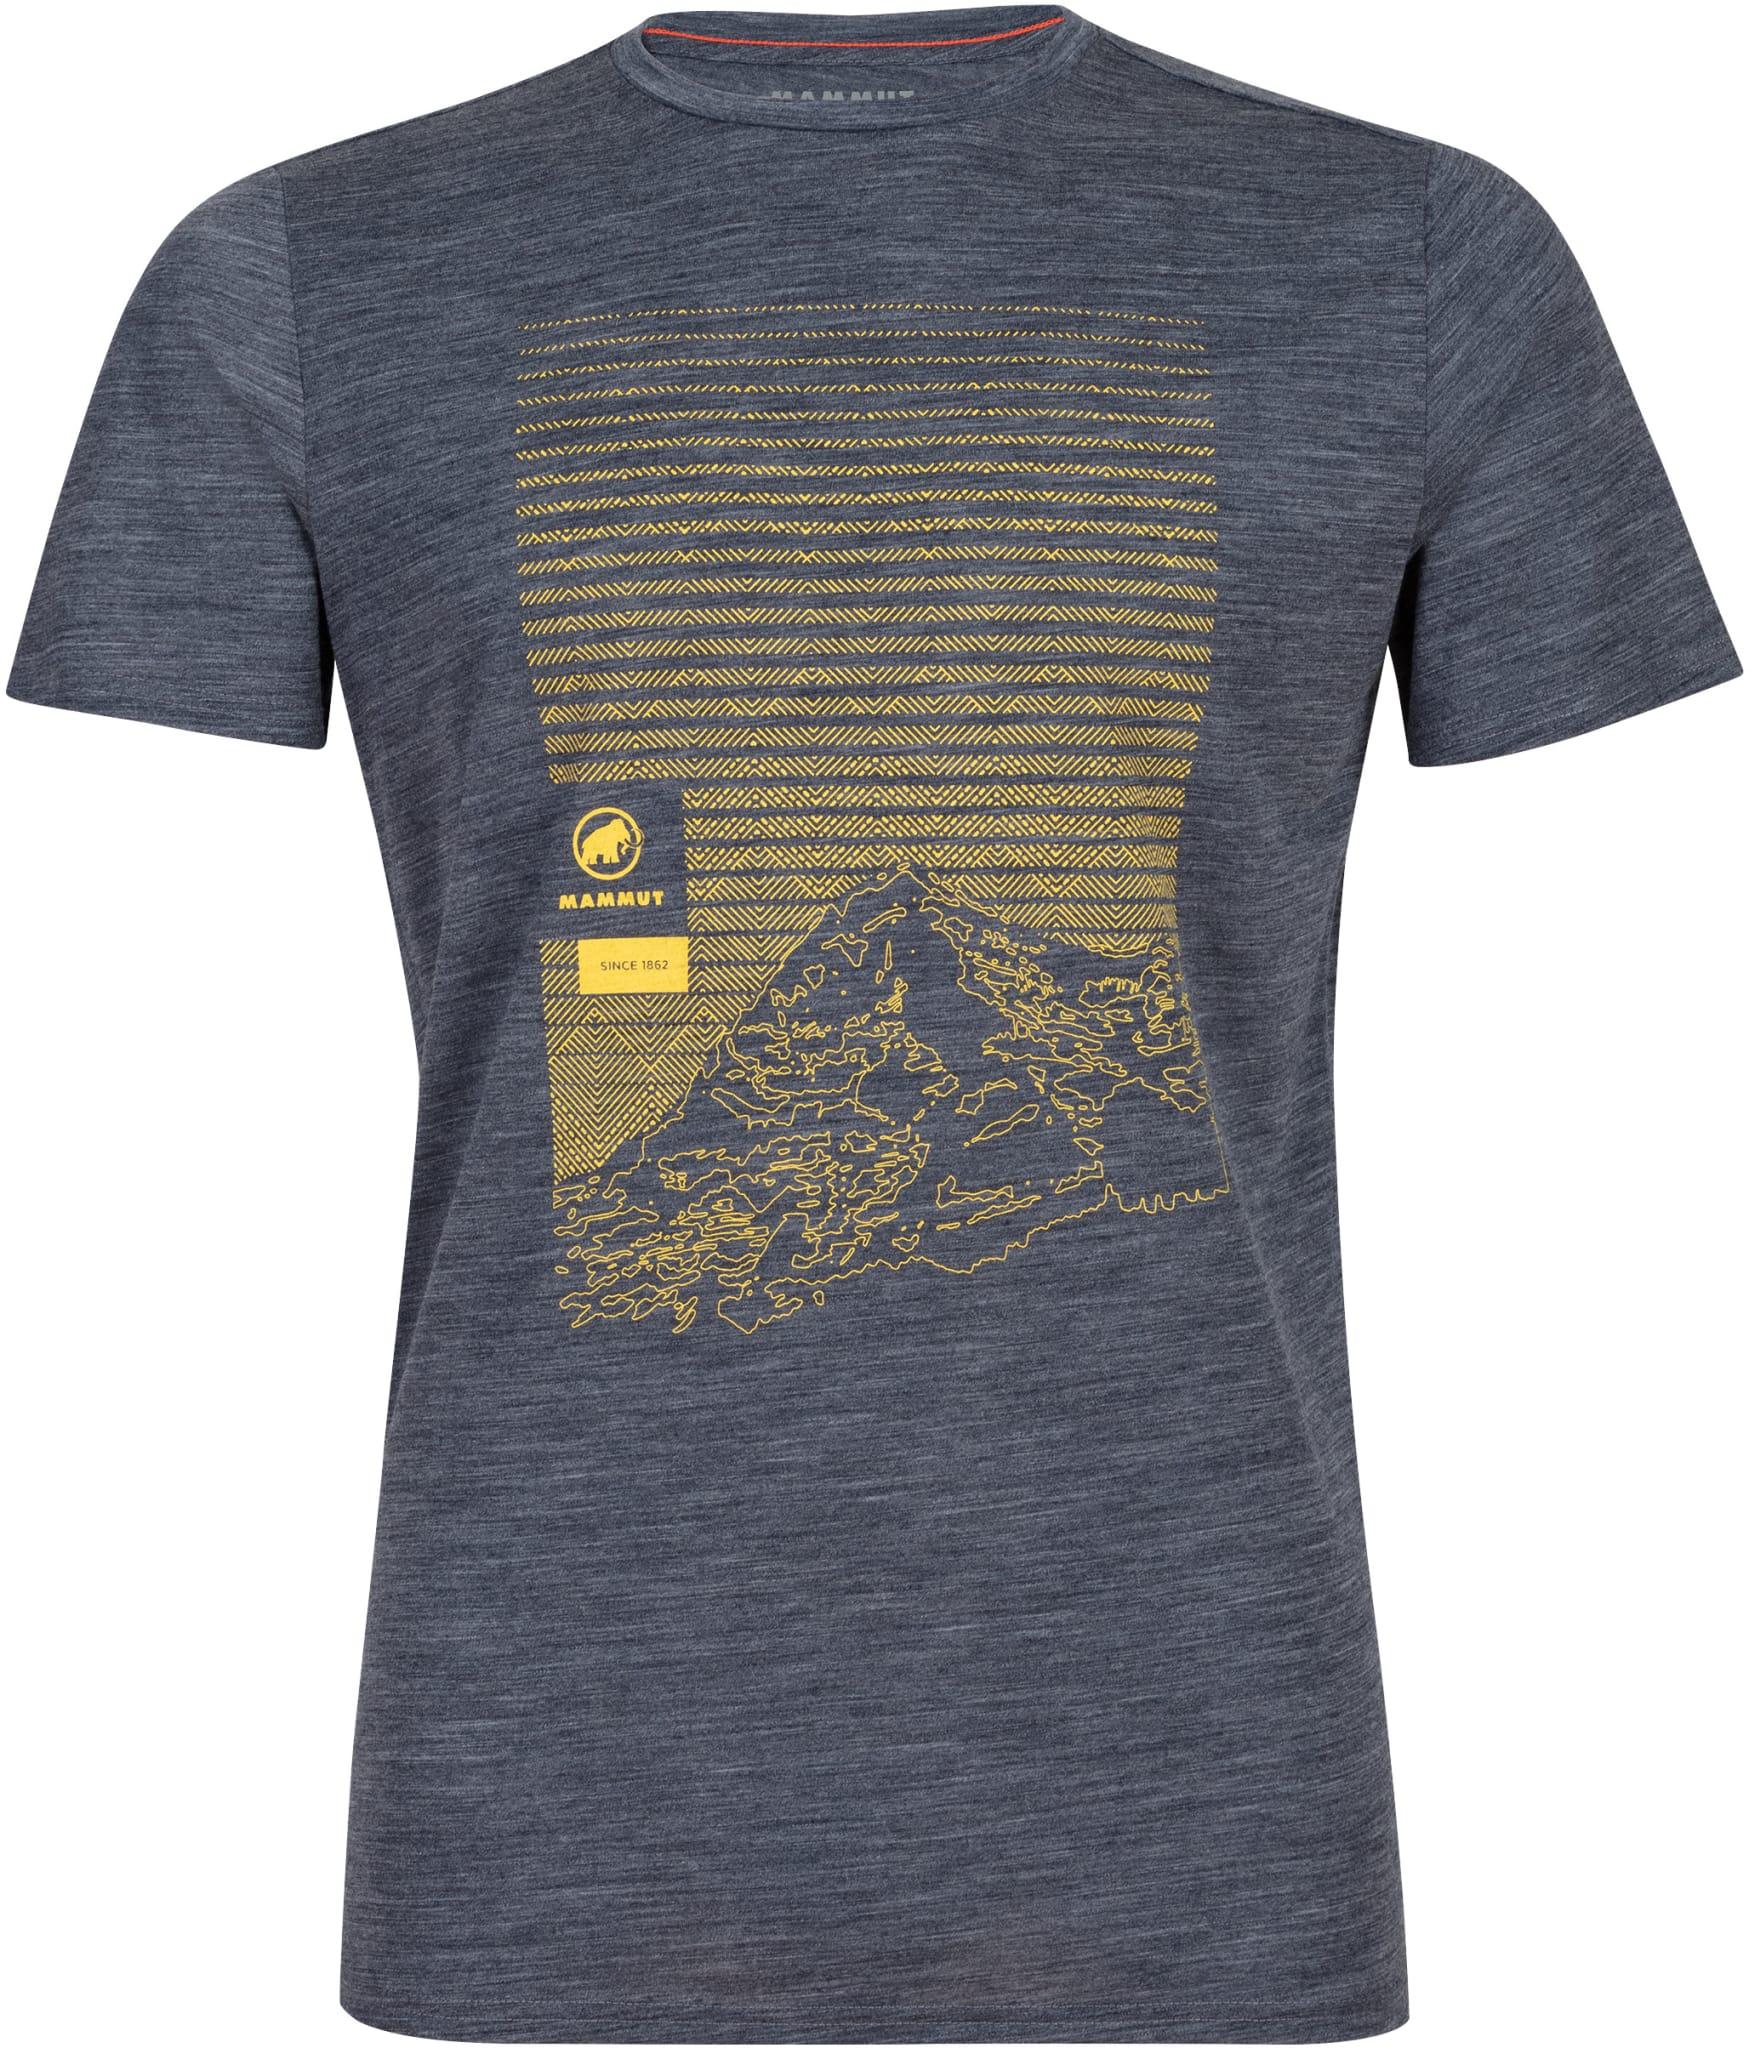 Deilig t-skjorte i merinoullblanding